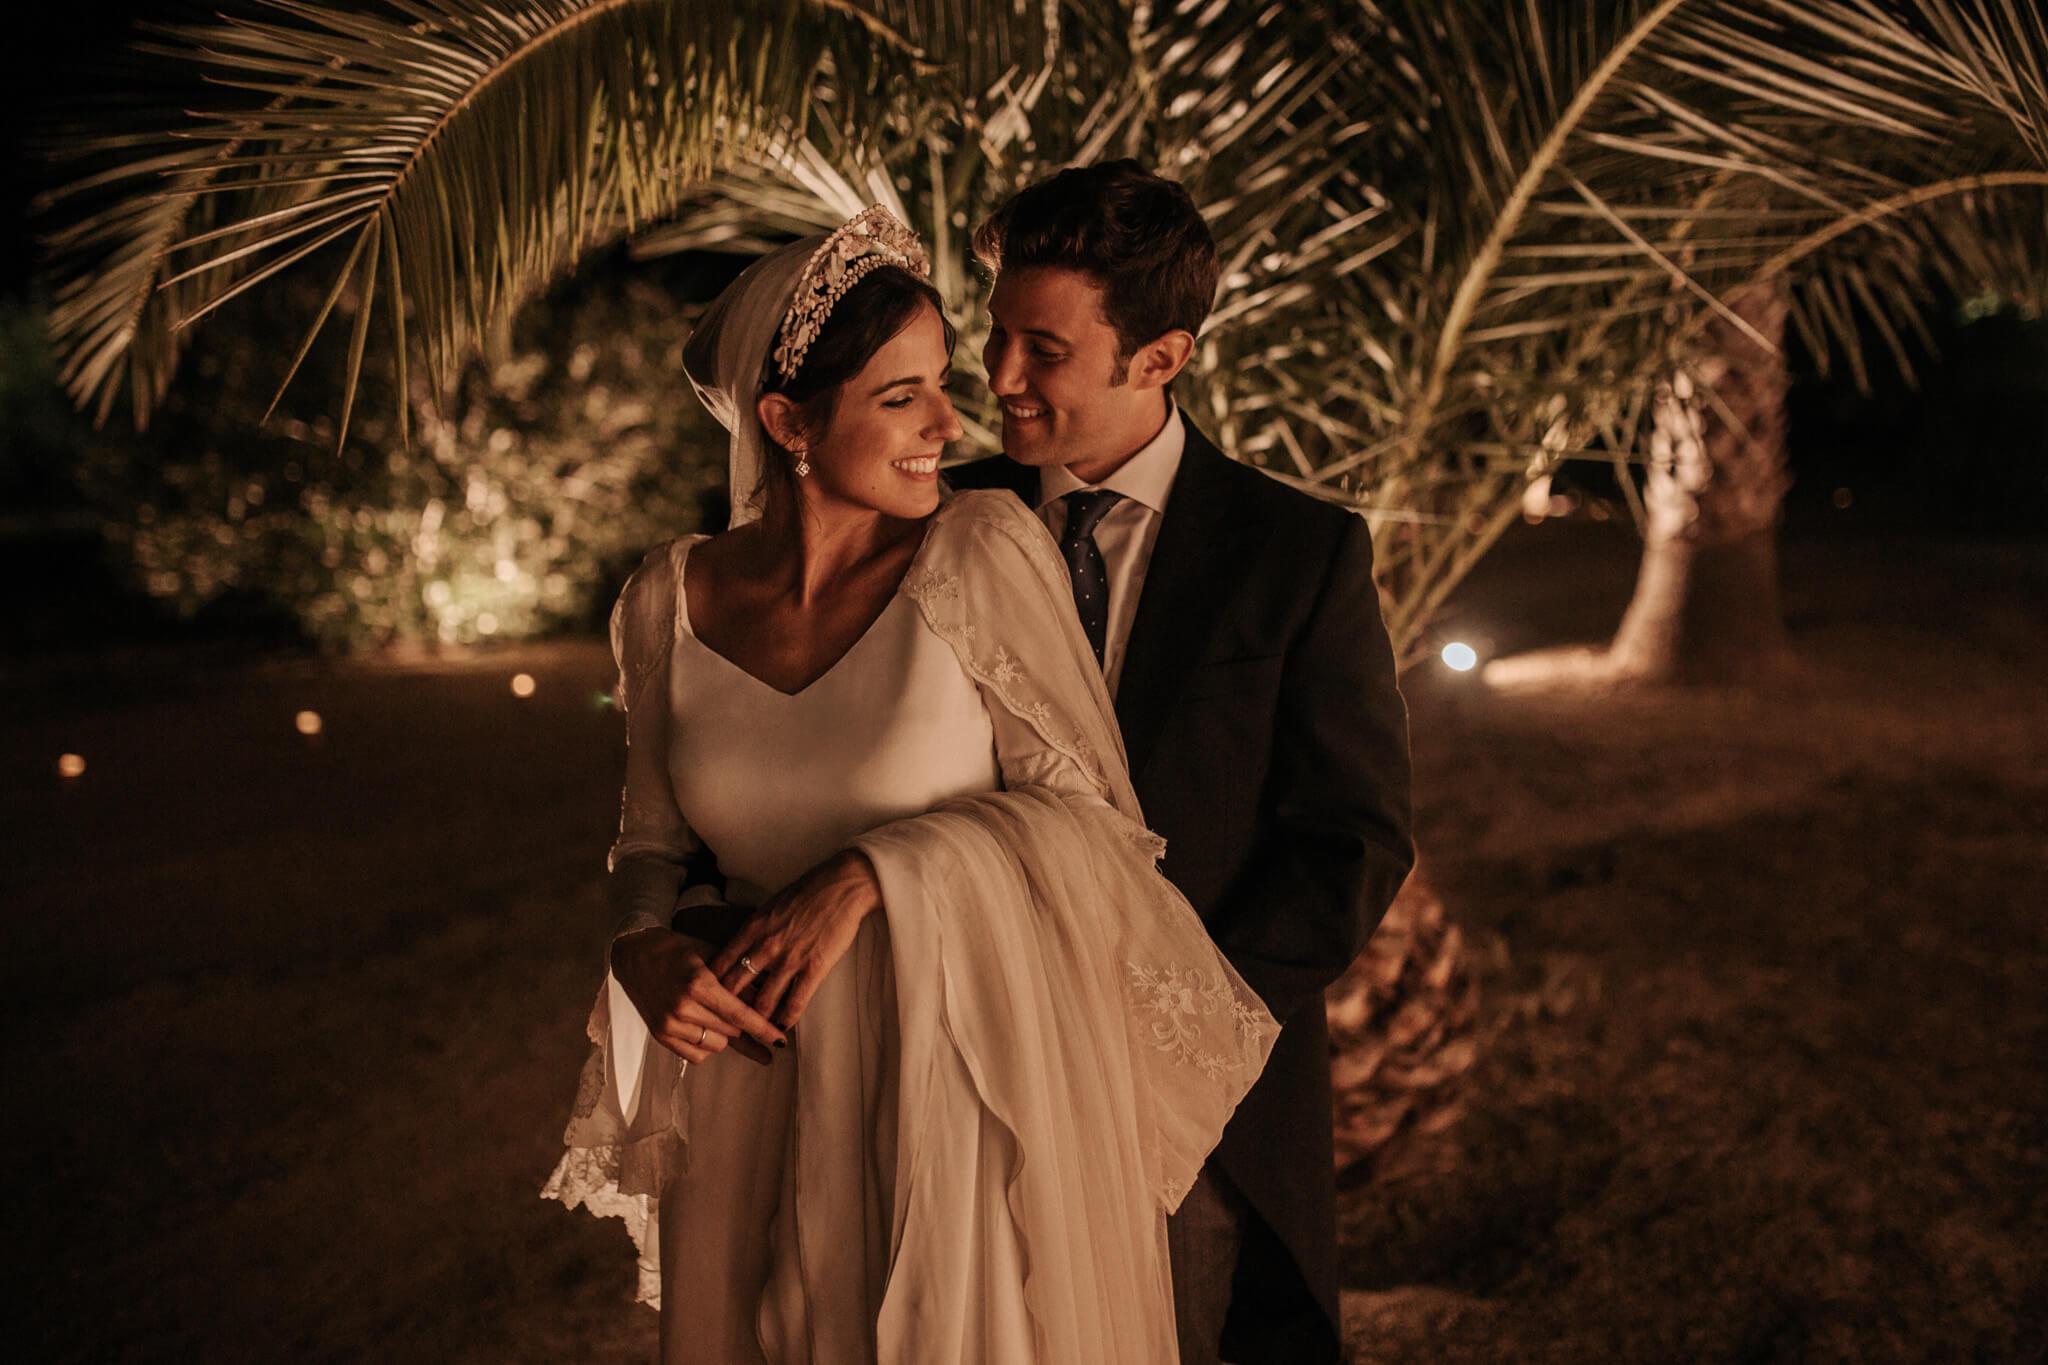 fotografia-boda-marta-carlos-concorazon-134